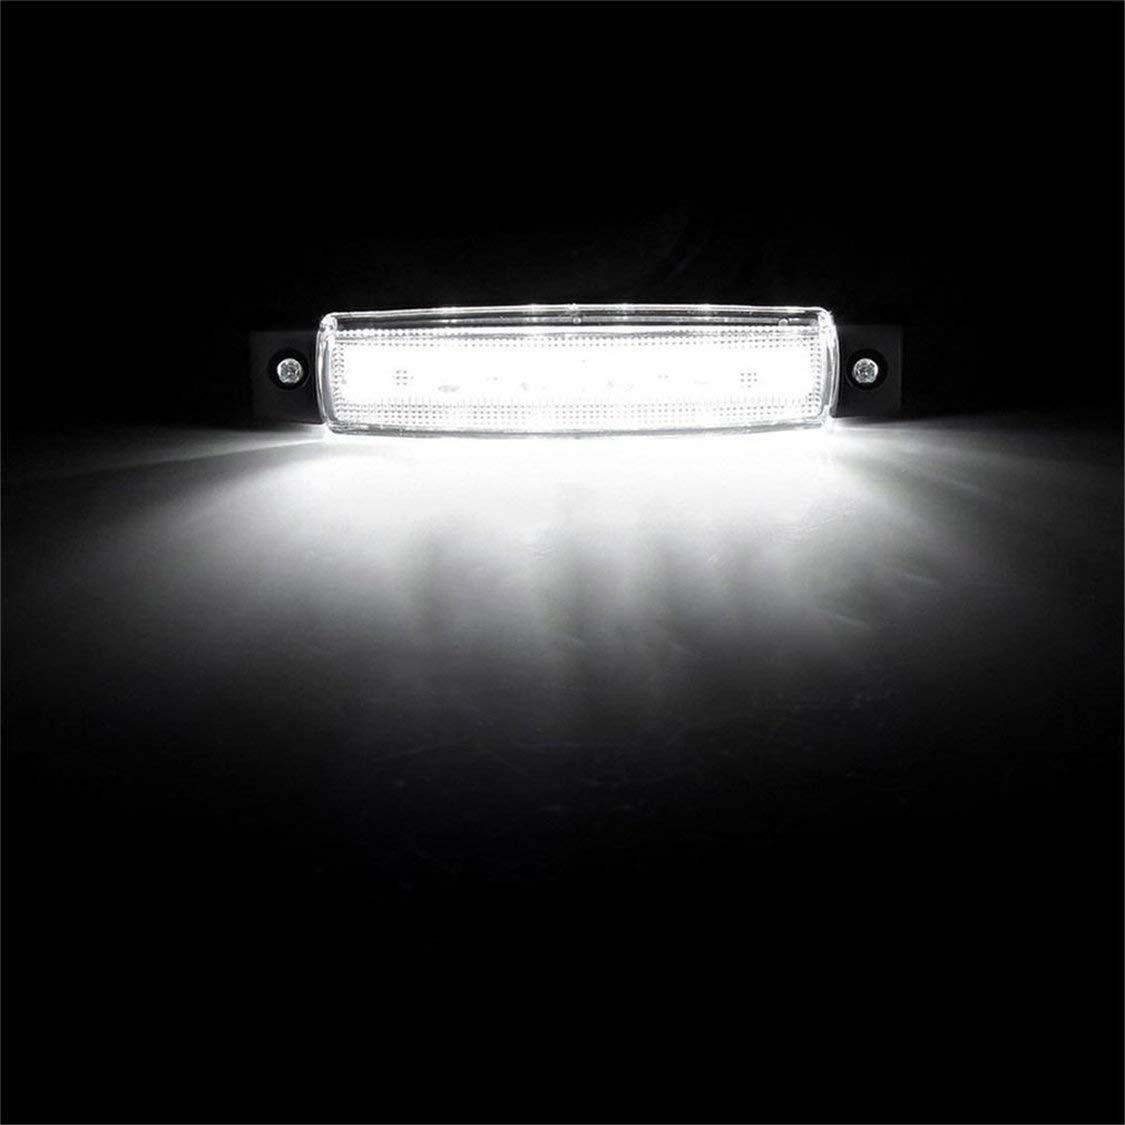 6 LED Auto Car Truck Trailer Indicadores laterales de luz L/ámpara de luz 12V Luz s/úper brillante de bajo consumo de energ/ía a prueba de agua